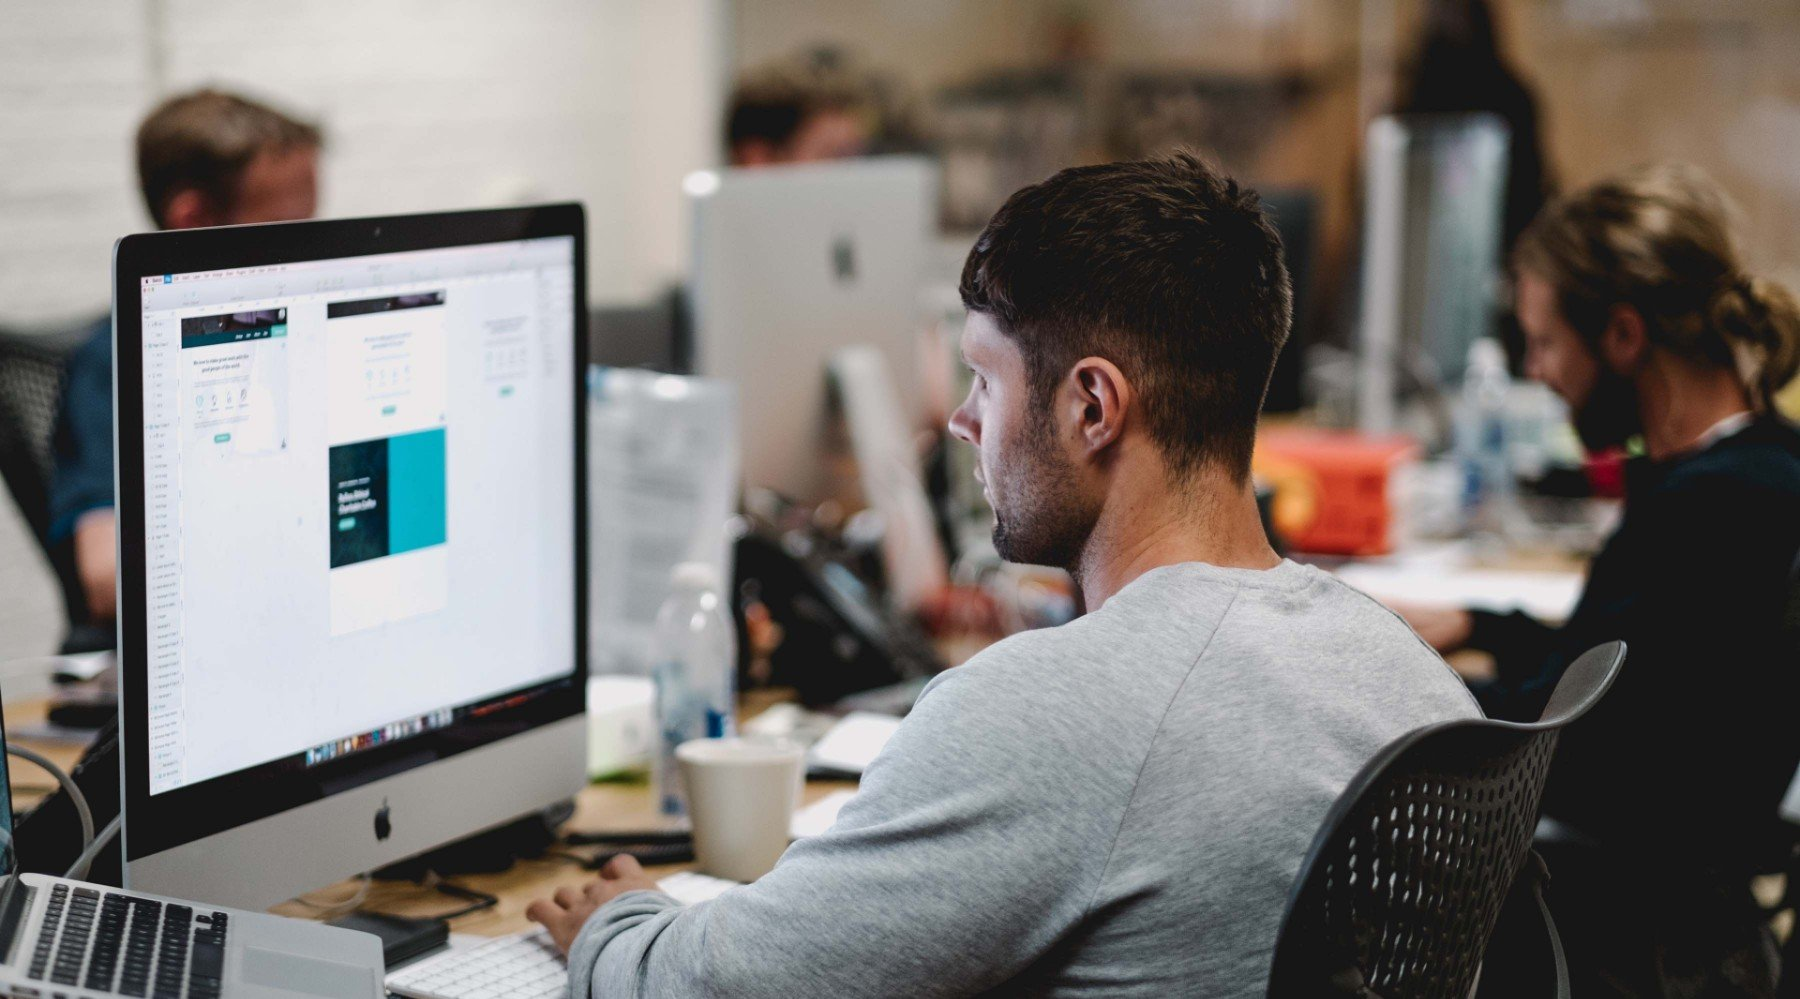 5 leichte Wege, um auf der Arbeit aktiv zu bleiben